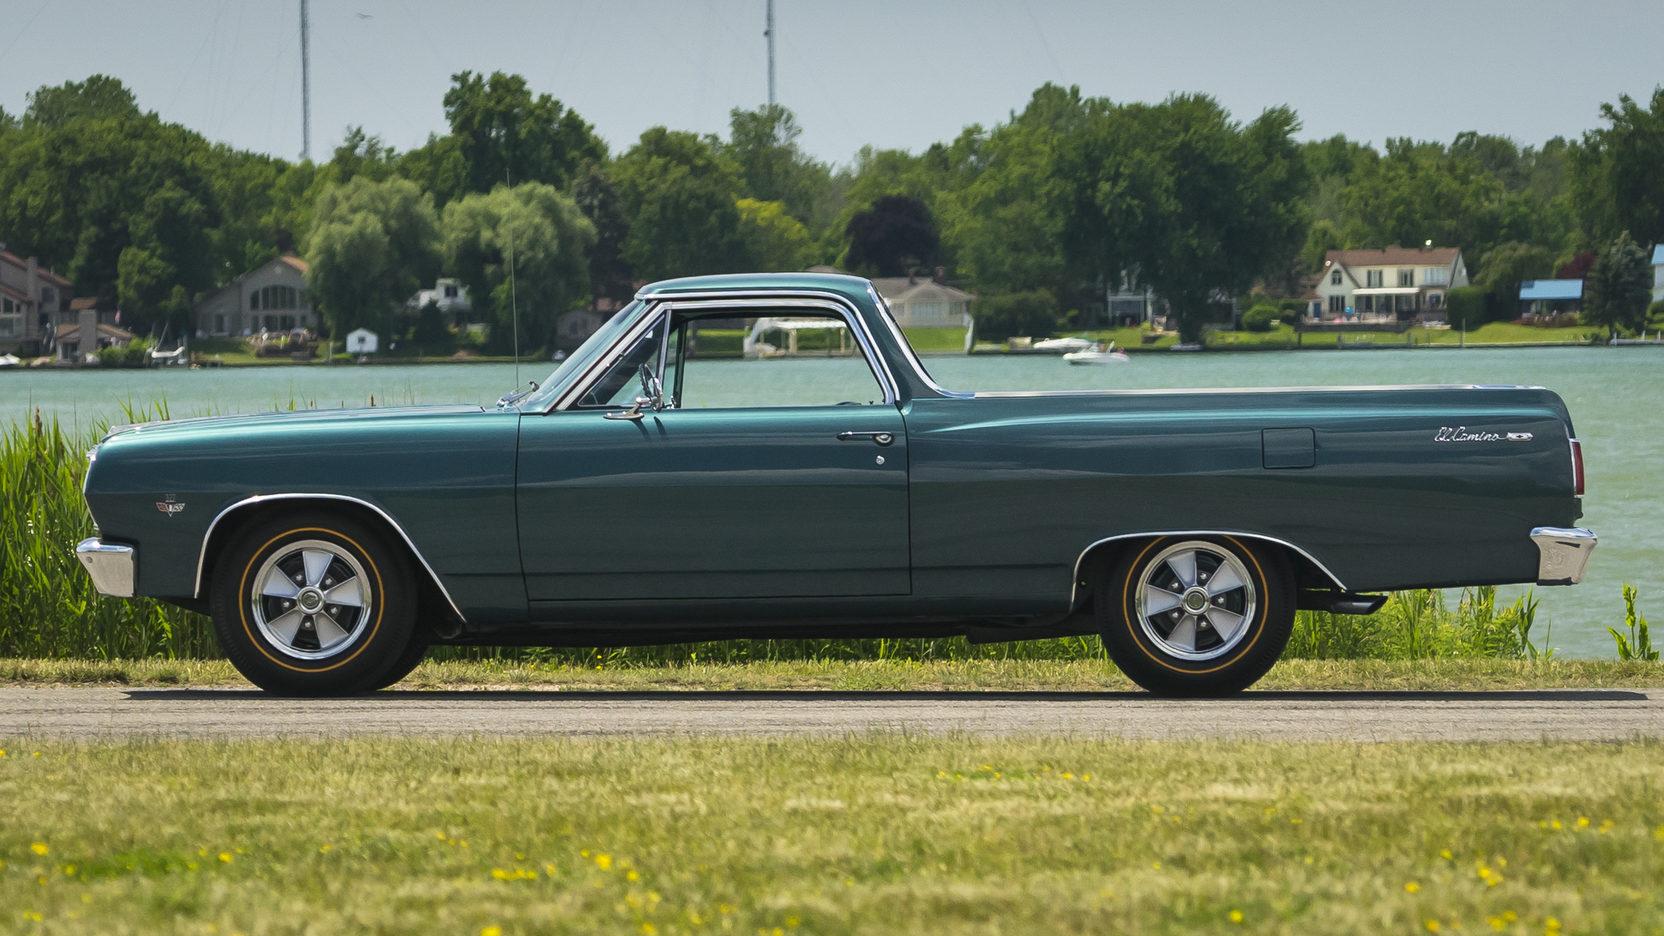 1965 Chevrolet El Camino side